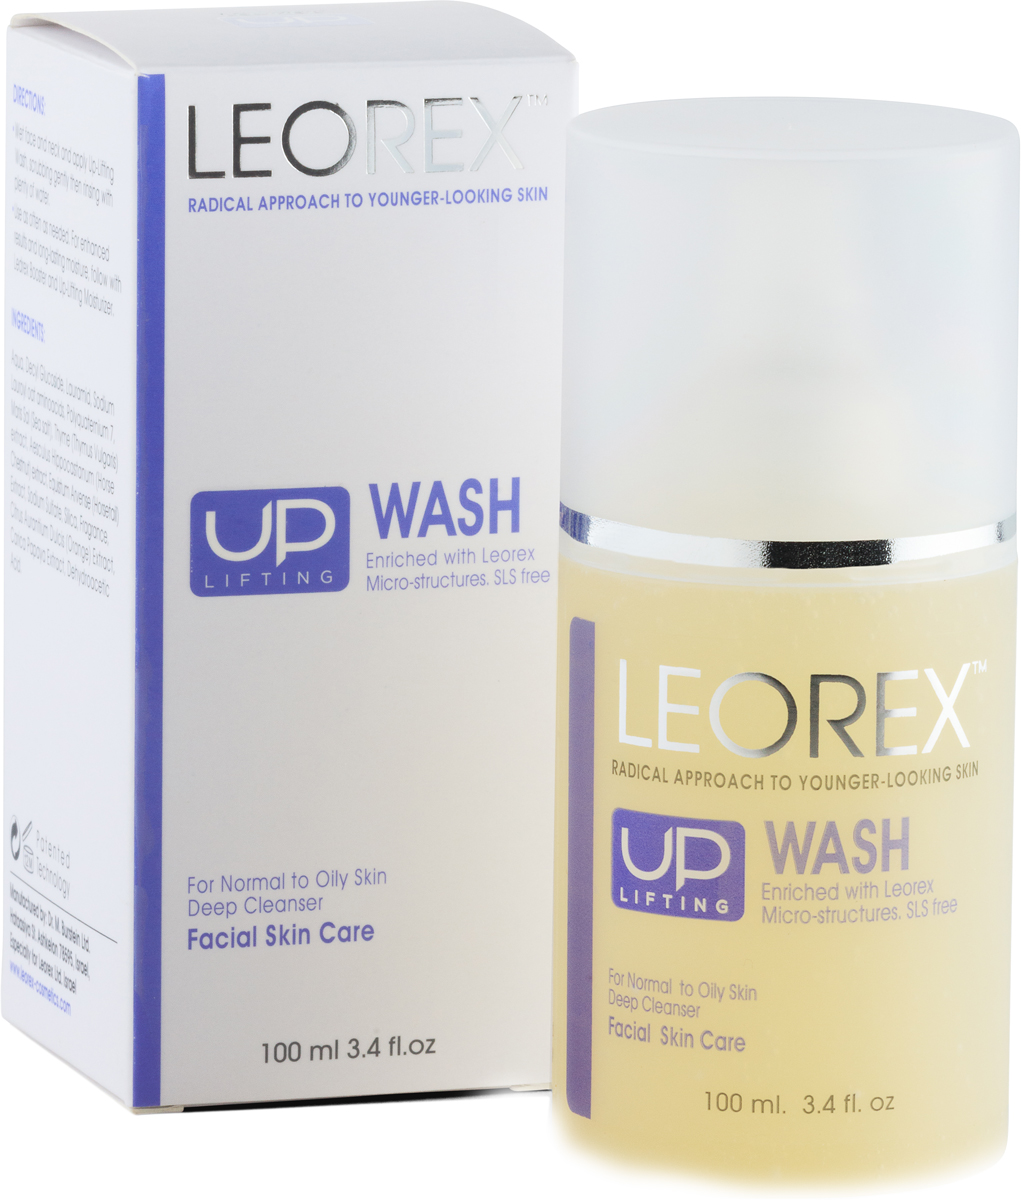 Leorex Up-Lifting Wash Очищающий гель для лица с эффектом лифтинга, 100 мл7290011784188LEOREX Up-Lifting Wash является великолепным очищающим средство для кожи лица, эффективно борется с морщинами, осуществляет дренаж тканей лица, снимает отёки, повышает устойчивость к стрессовым воздействиям, обладает противовоспалительным действием. Данный продукт относится к нано косметическим средствам, и помимо очищающих свойств, борется с дерматологическими проблемами, способствует быстрому заживлению микротравм. Высокое содержание микрочастиц нанокремнезема позволяет не просто очистить верхний слой эпидермиса, но и абсорбировать омертвевшие клетки, вместе с продуктами метаболизма, что способствует глубокому очищению пор и выводу токсинов. Кремнезем, или диоксид кремния, является отличным сорбентом, имеет выраженное антимикробное действие. Гель является также тонизирующим для лица, выполняет лёгкий, деликатный пилинг с гидробалансирующим эффектом, заметно уменьшается количество пигментных пятен, нормализуются секреторные функции сальных желёз, убираются отёки.